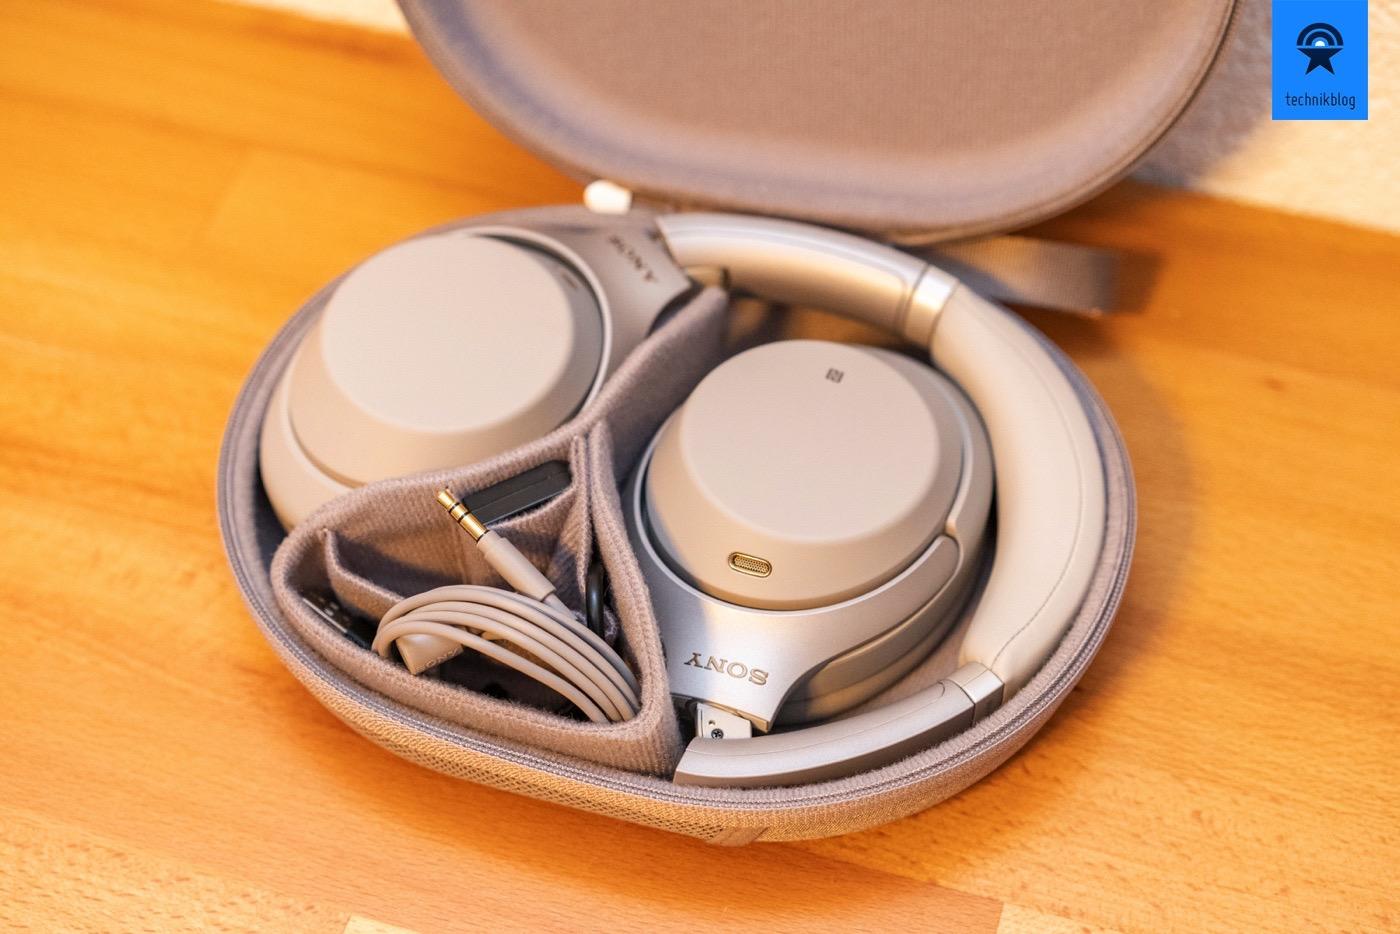 Der perfekte Reise- und Bürokopfhörer mit Noise Cancelling: Sony WH-1000XM3